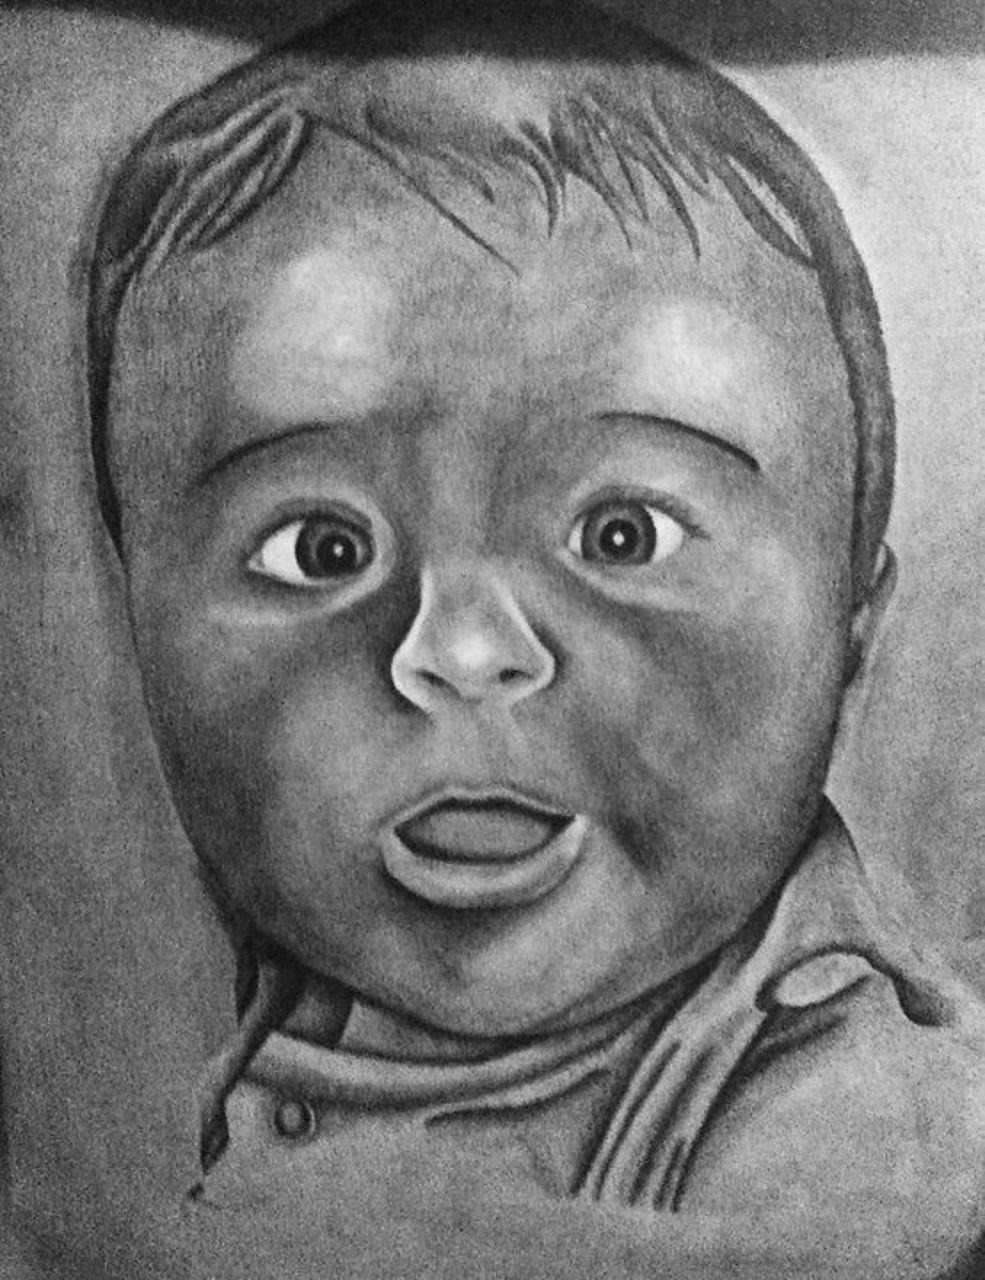 Crombois portrait 3